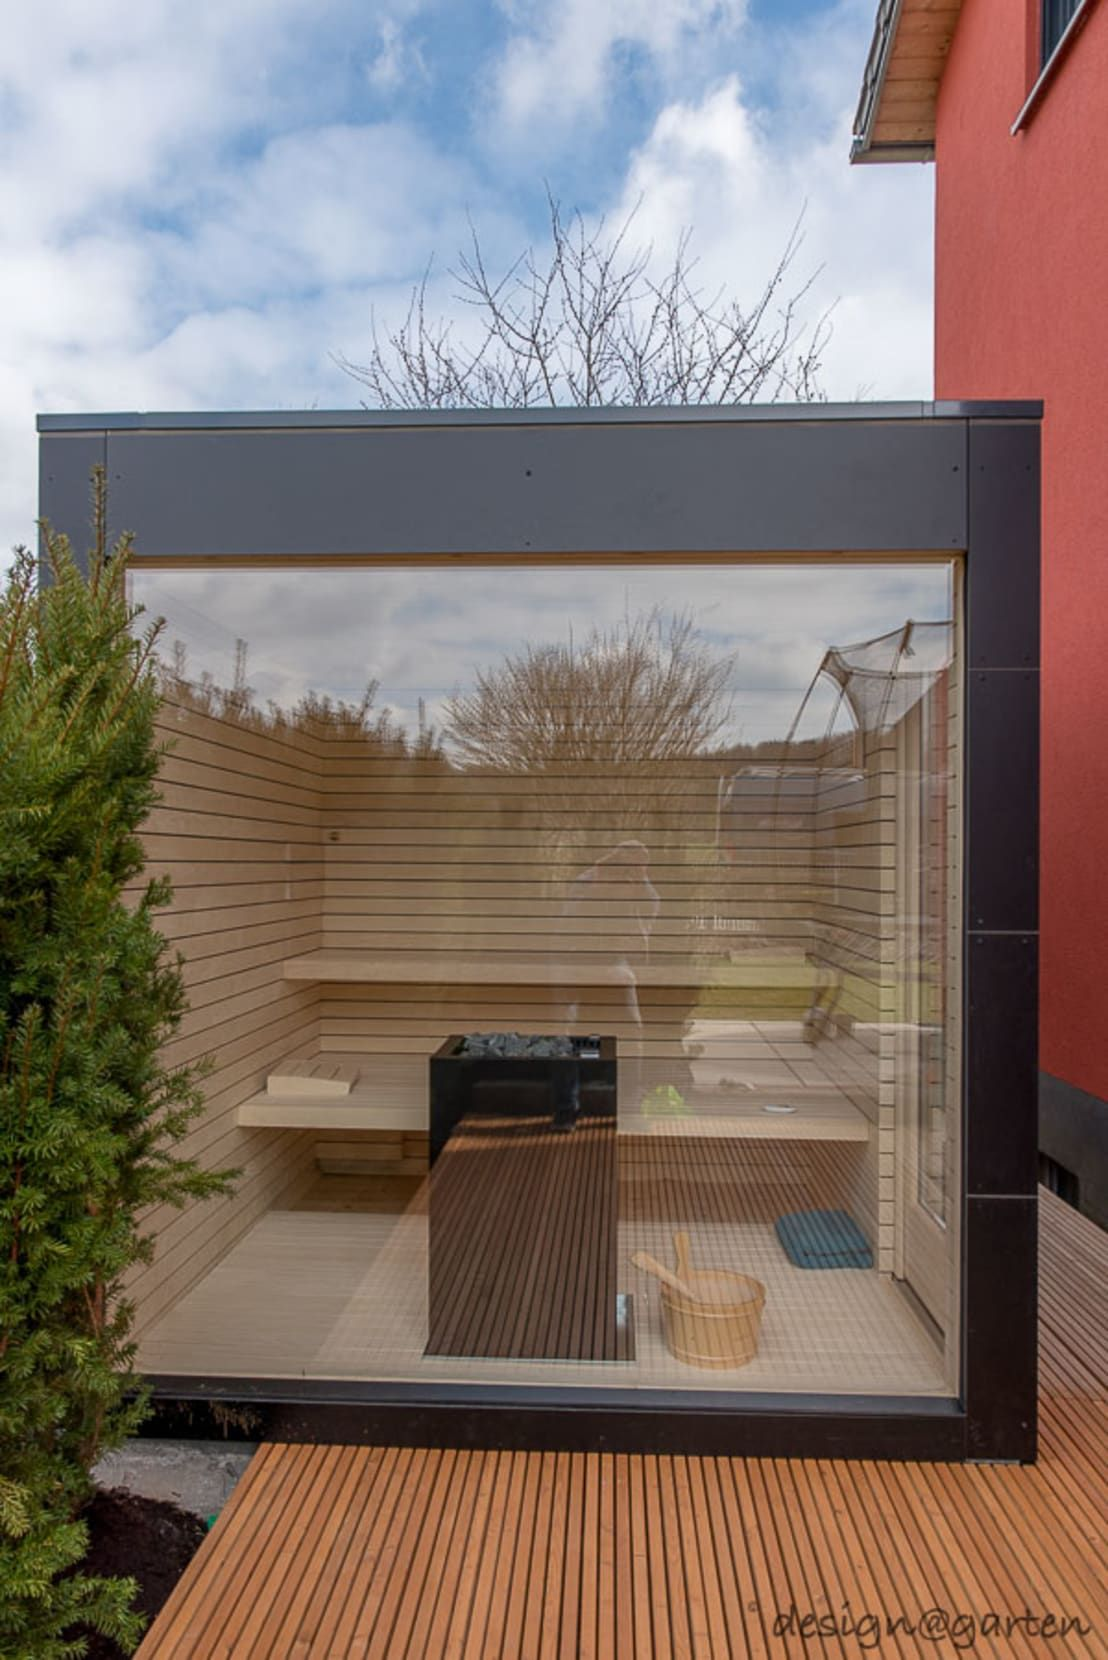 Photo of Design Gartensauna mit Panoramaverglasung – Blackbox von design@garten – Alfred Hart –  Design Gartenhaus und Balkonschraenke aus Augsburg | homify